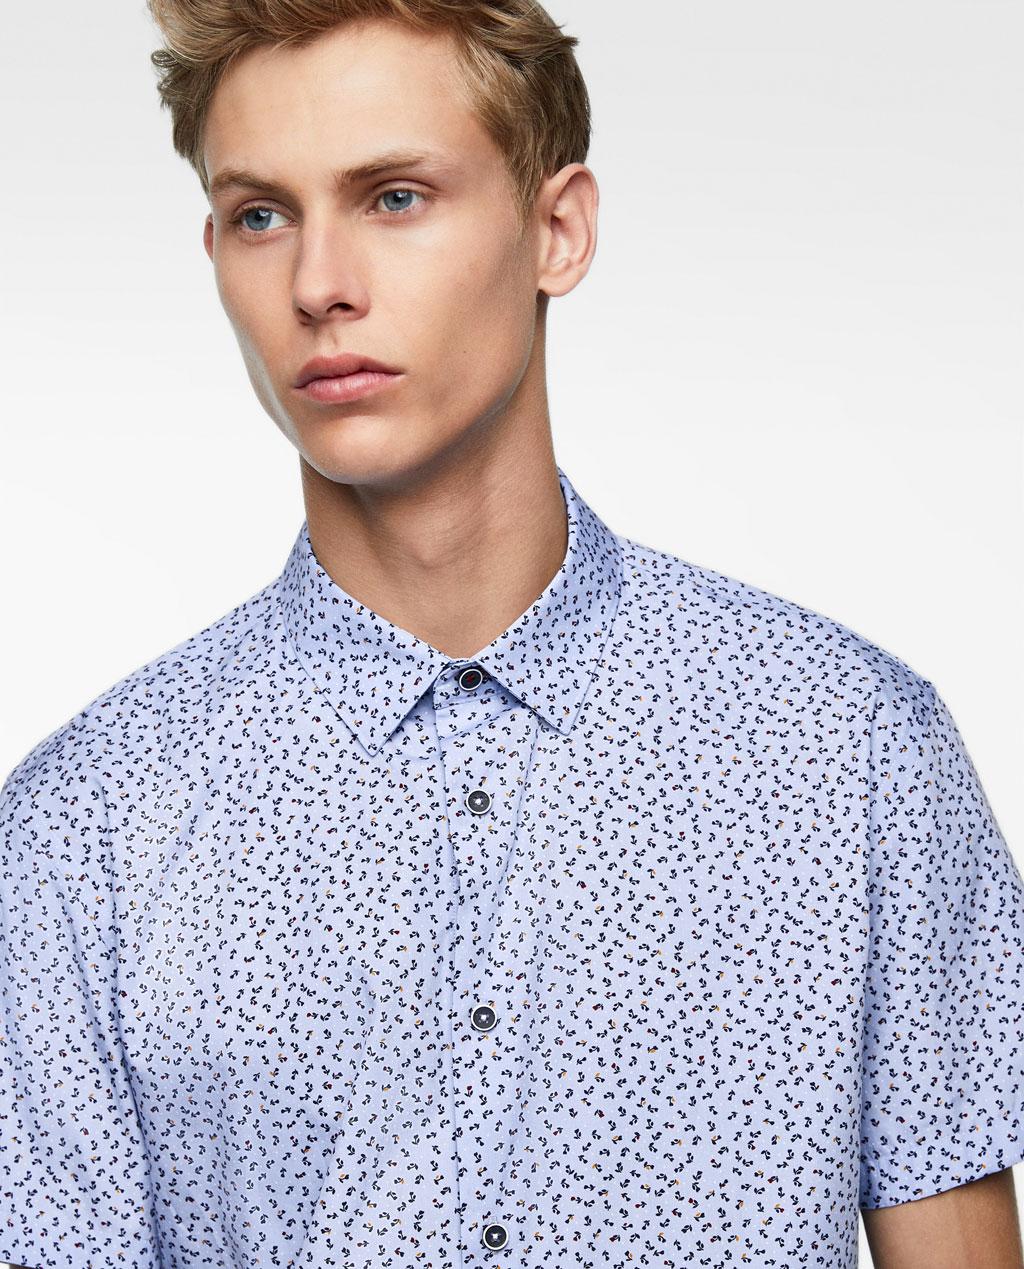 Thời trang nam Zara  24126 - ảnh 8